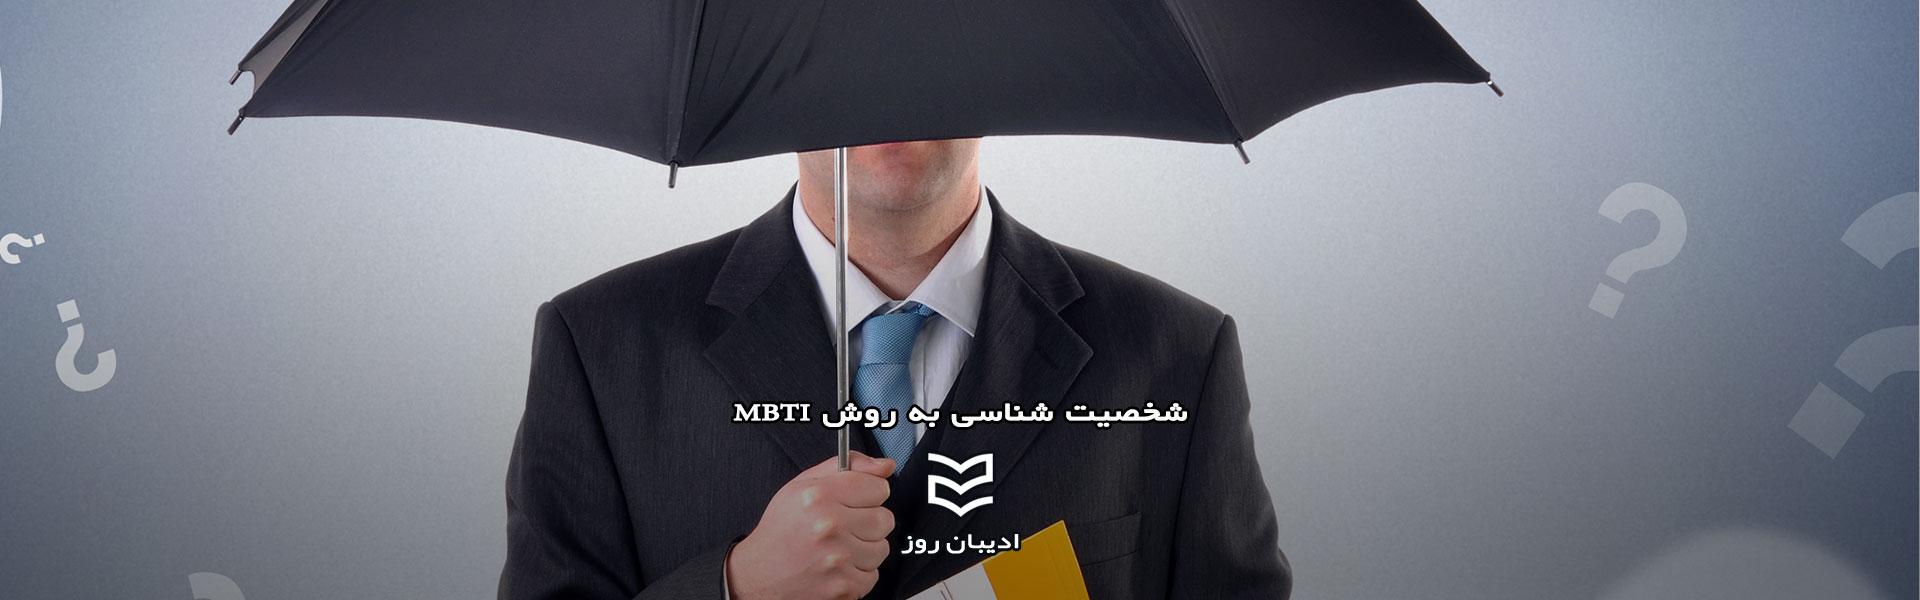 شخصیت شناسی به روش MBTI